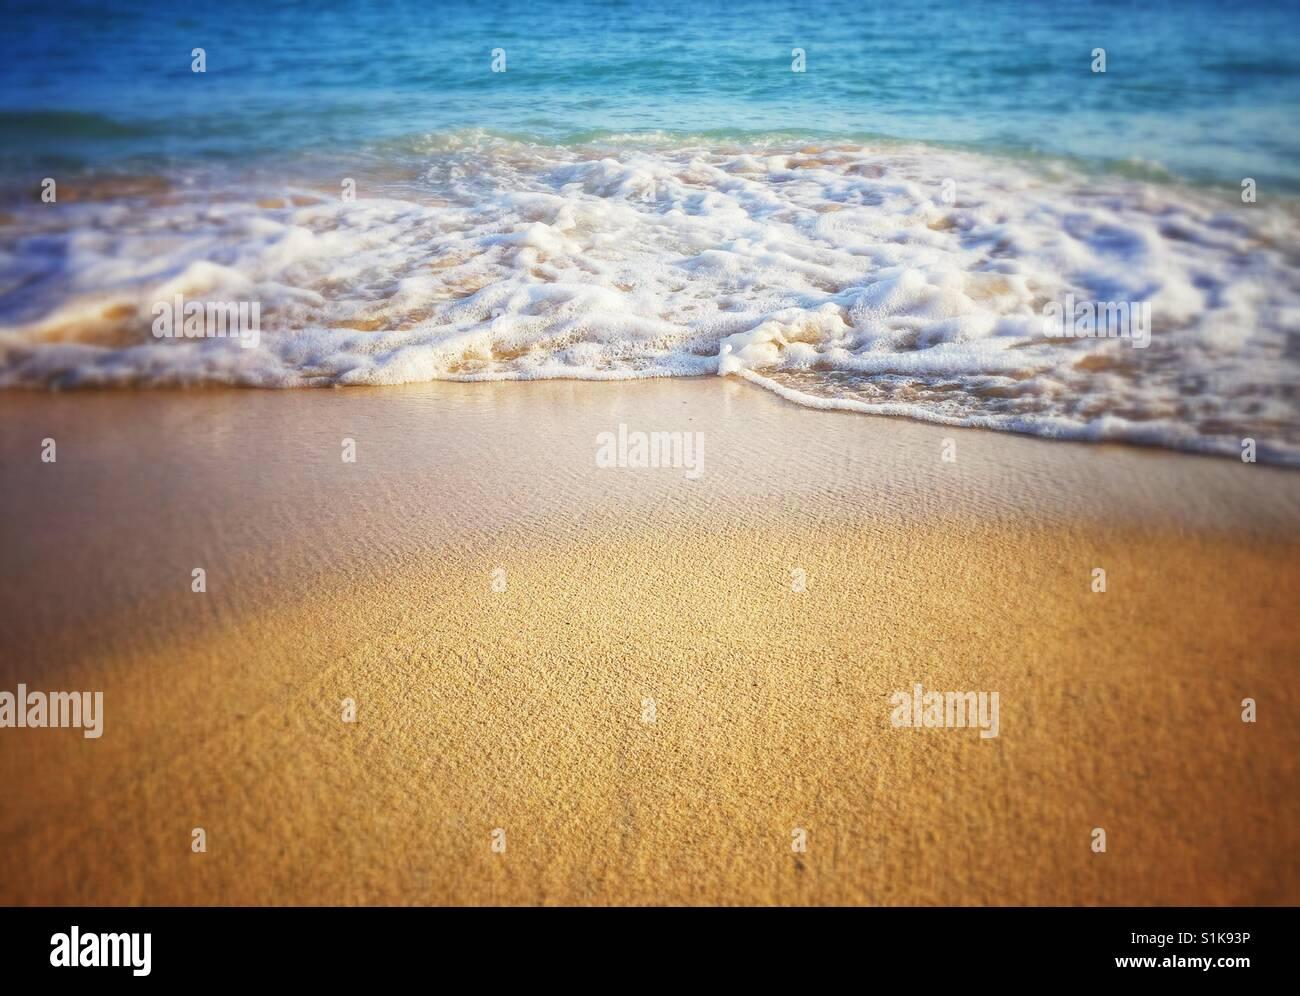 Wave breaks on beach. Foam swirl seascape on beach. Close up of wave foam on sand. - Stock Image